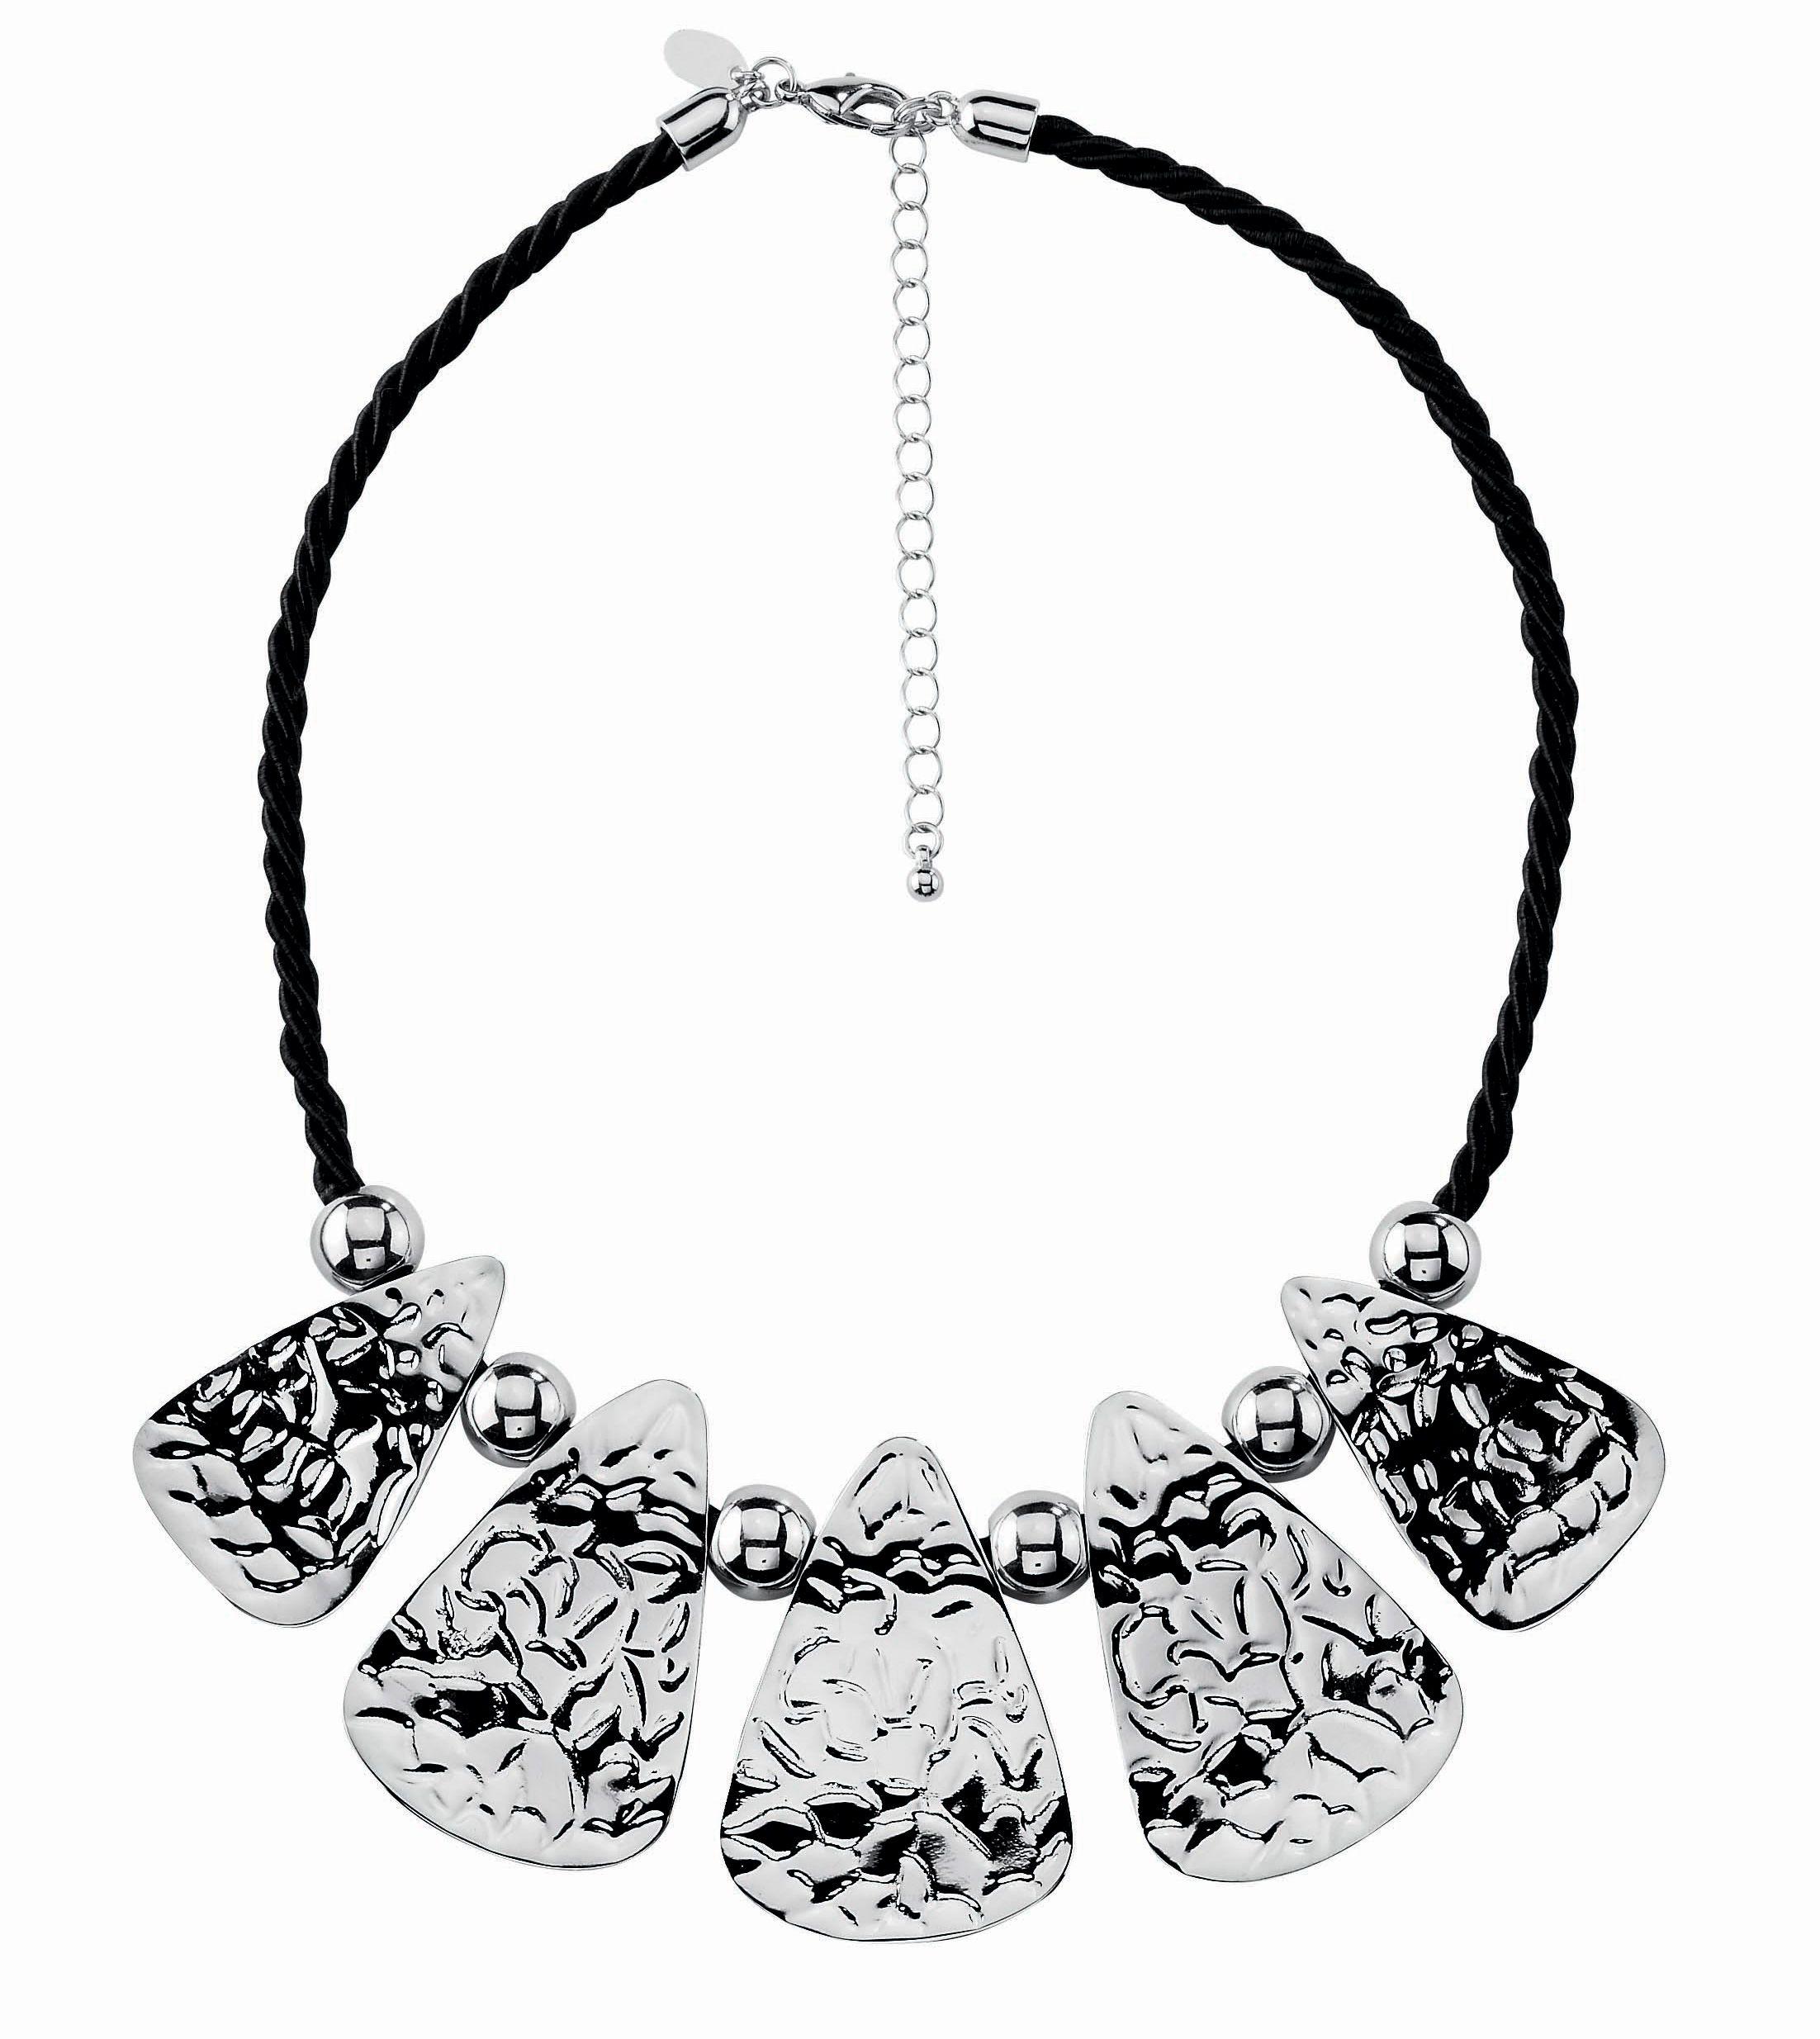 Lure Me In Necklace Www.liasophia.com / lizasweigart